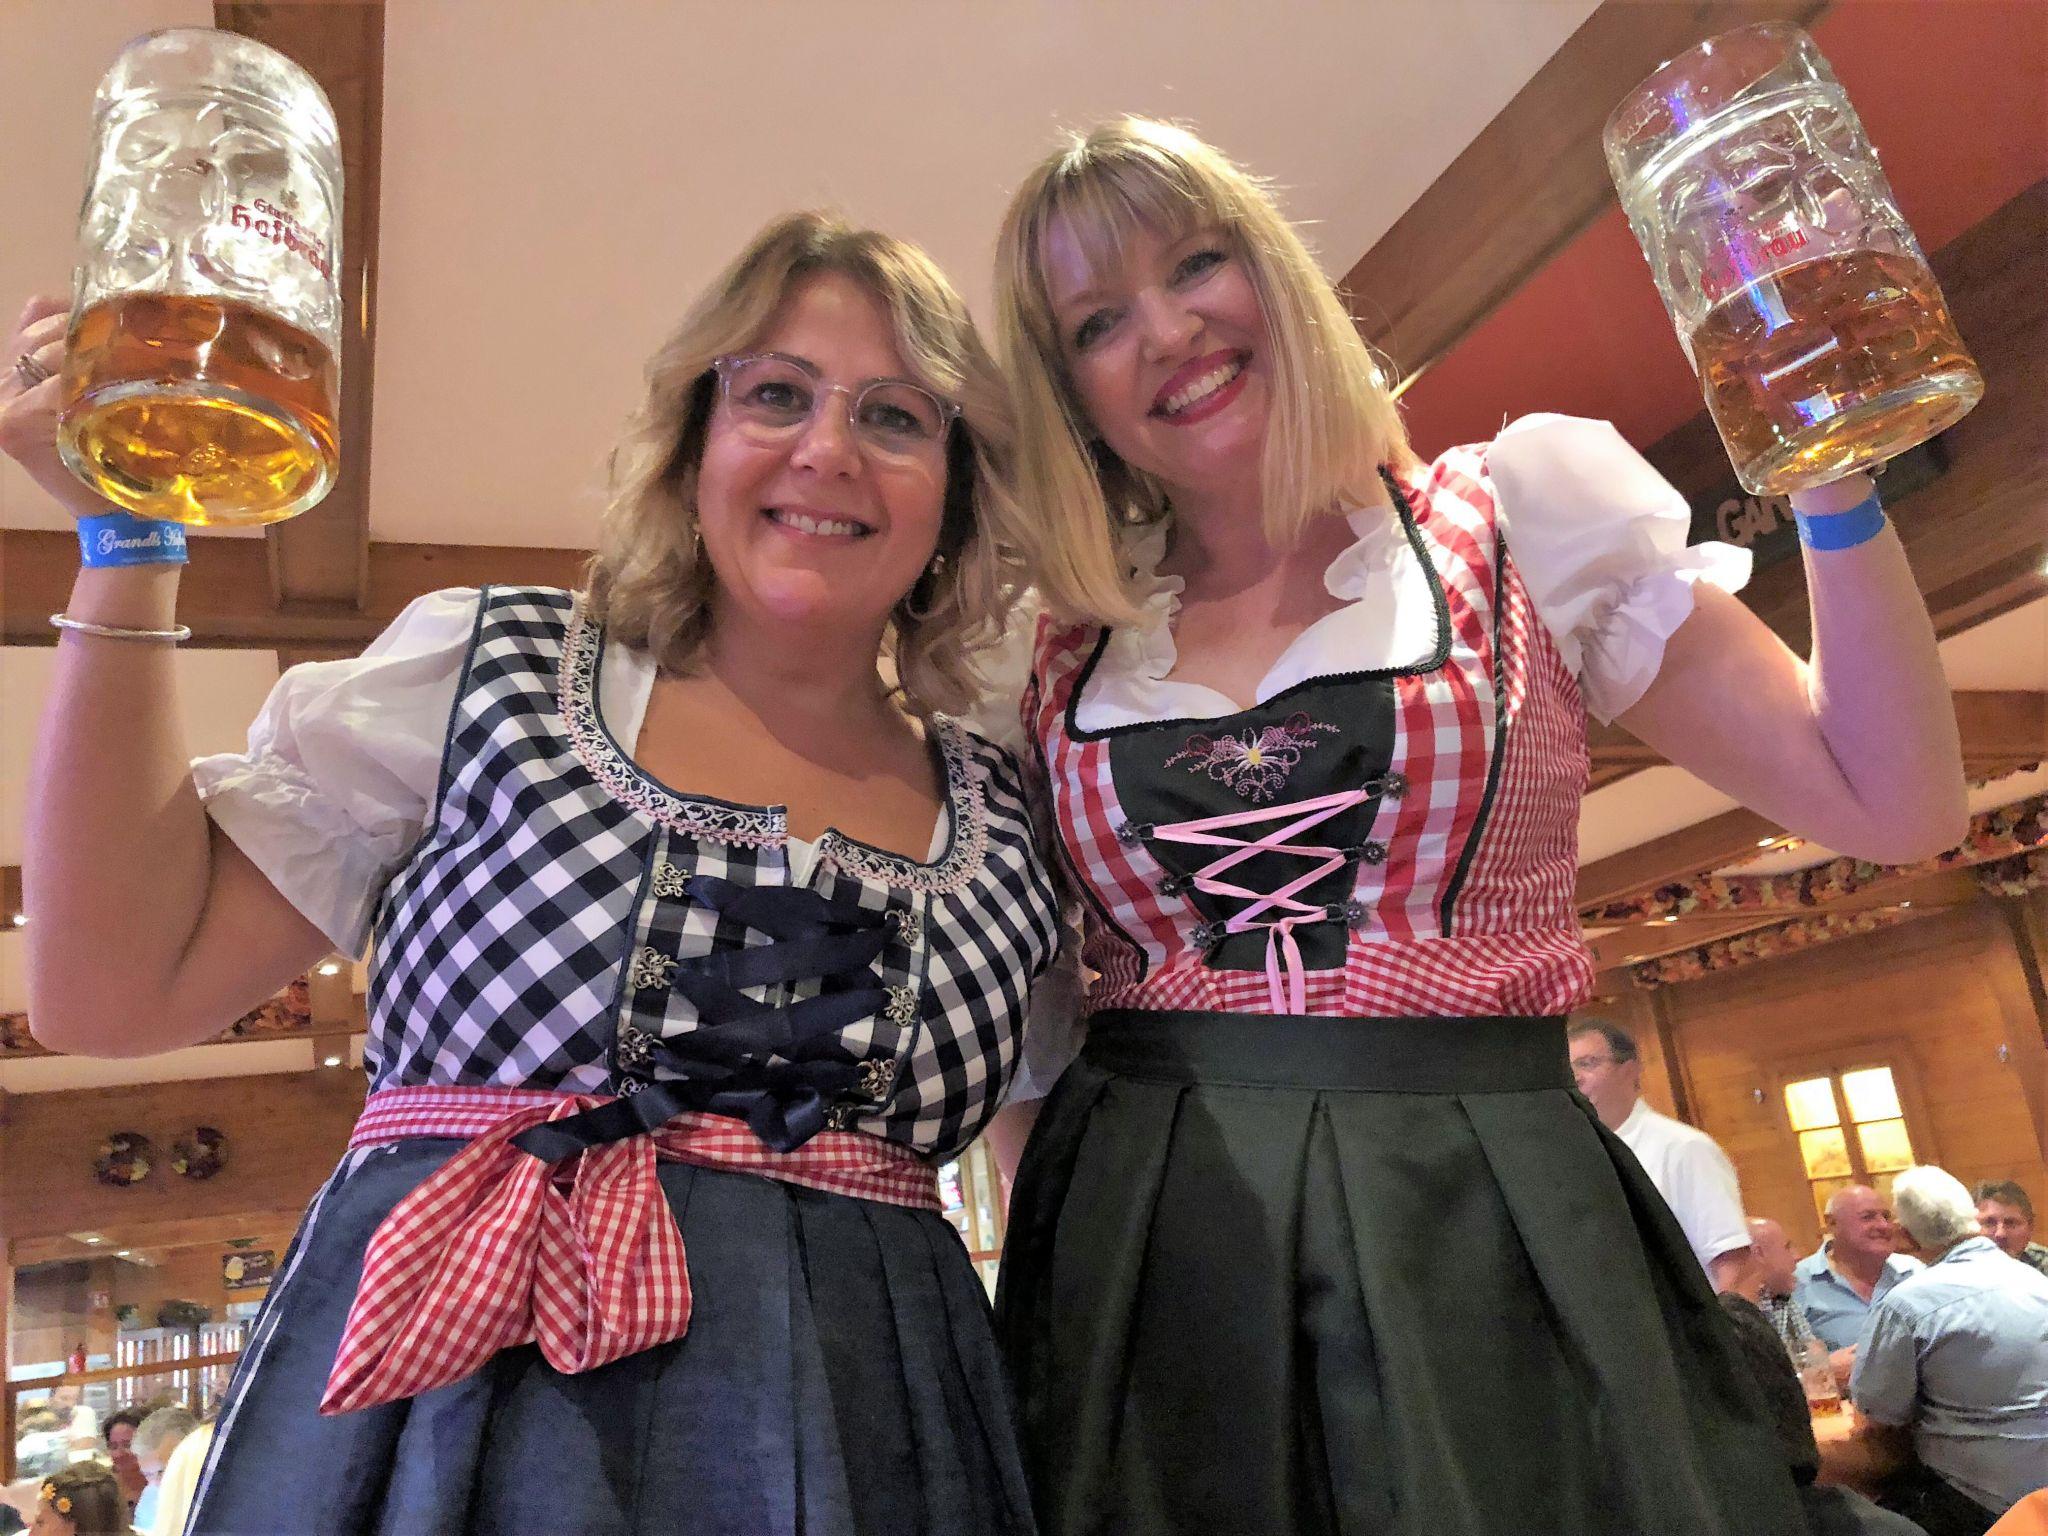 Stuttgart beer festival dancing on tables